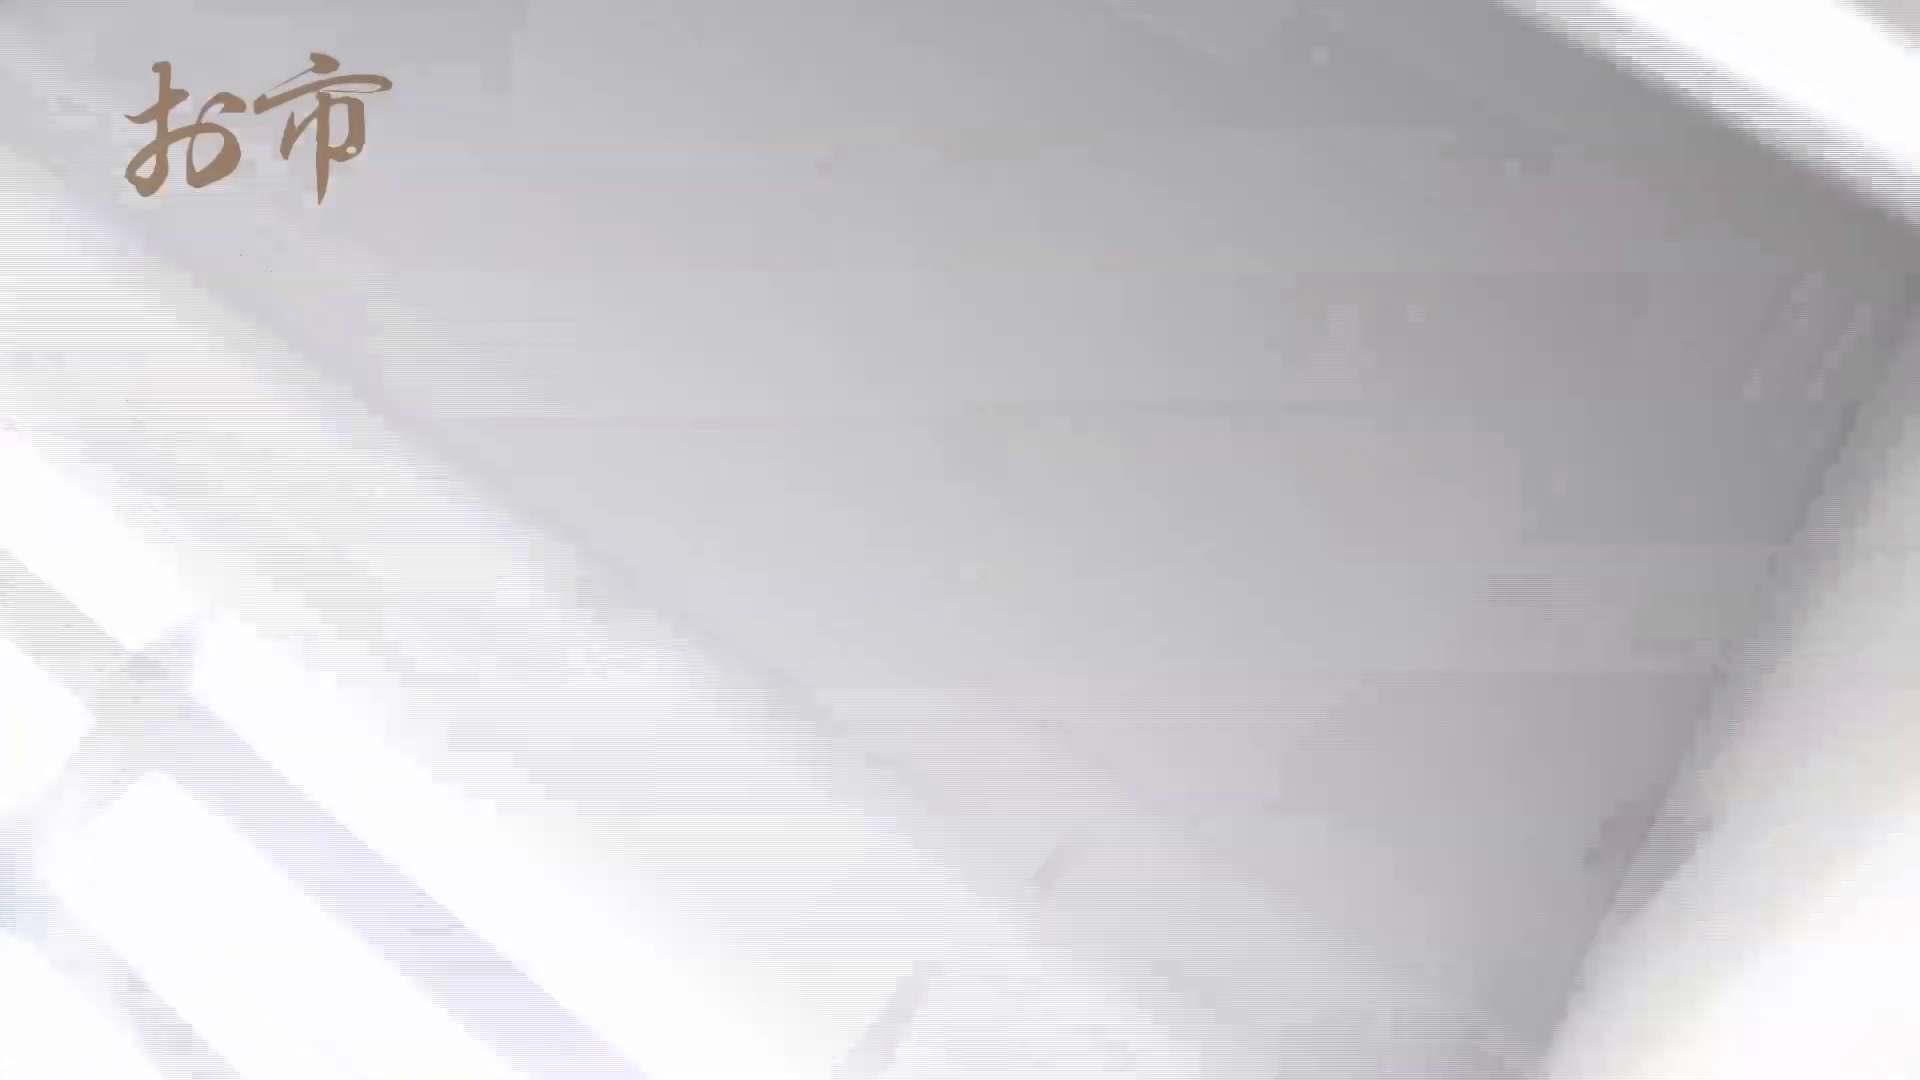 潜入!!台湾名門女学院 Vol.12 長身モデル驚き見たことないシチュエーション 盗撮   モデルのボディ  89PIX 46